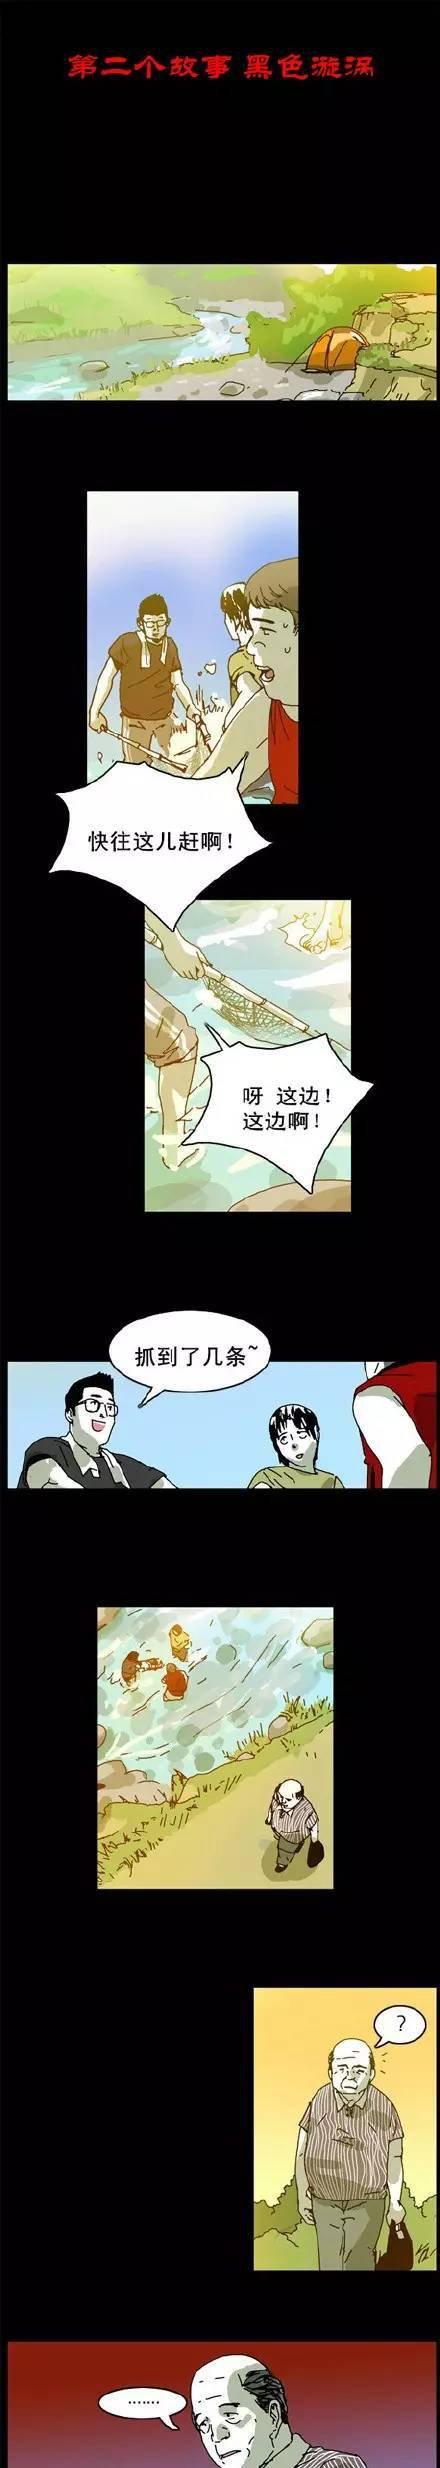 韩国恐怖漫画《黑色漩涡》图片